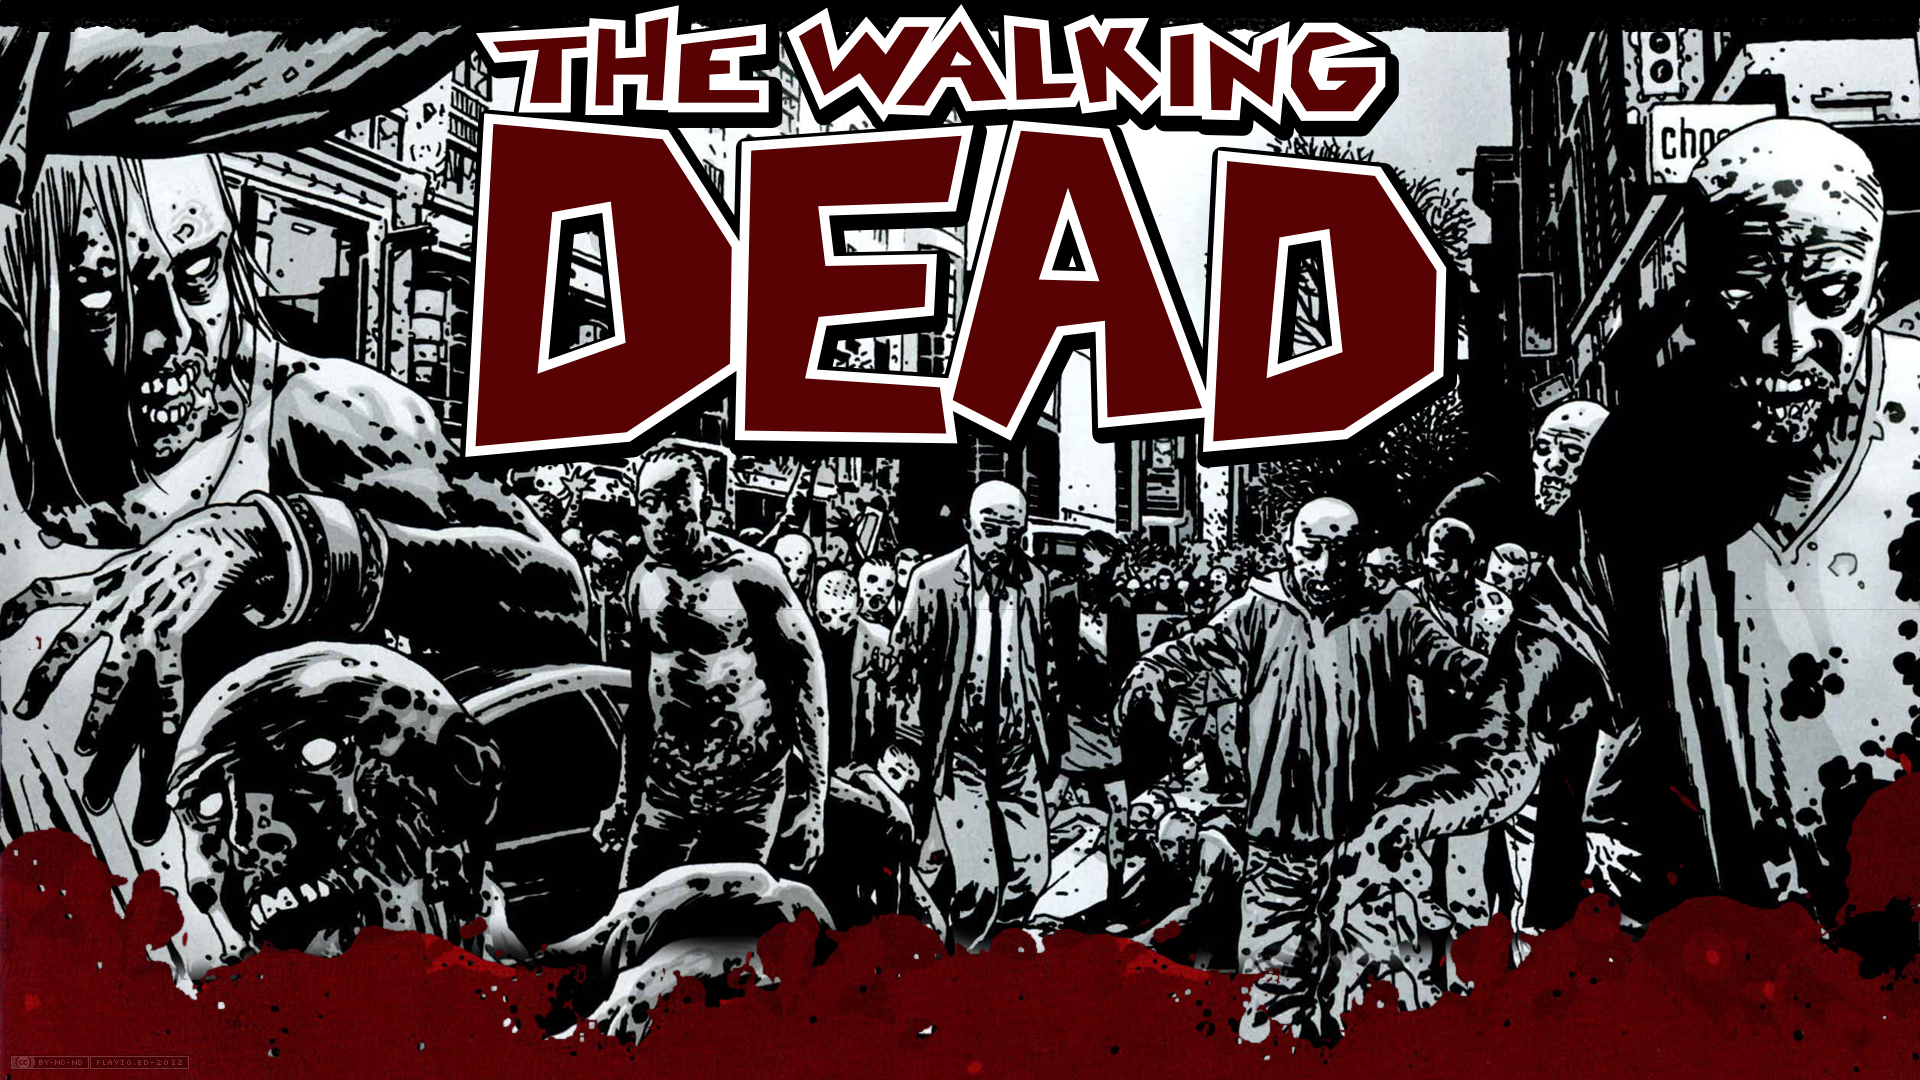 Walking Dead image-comics gs wallpaper | 1920x1080 ...